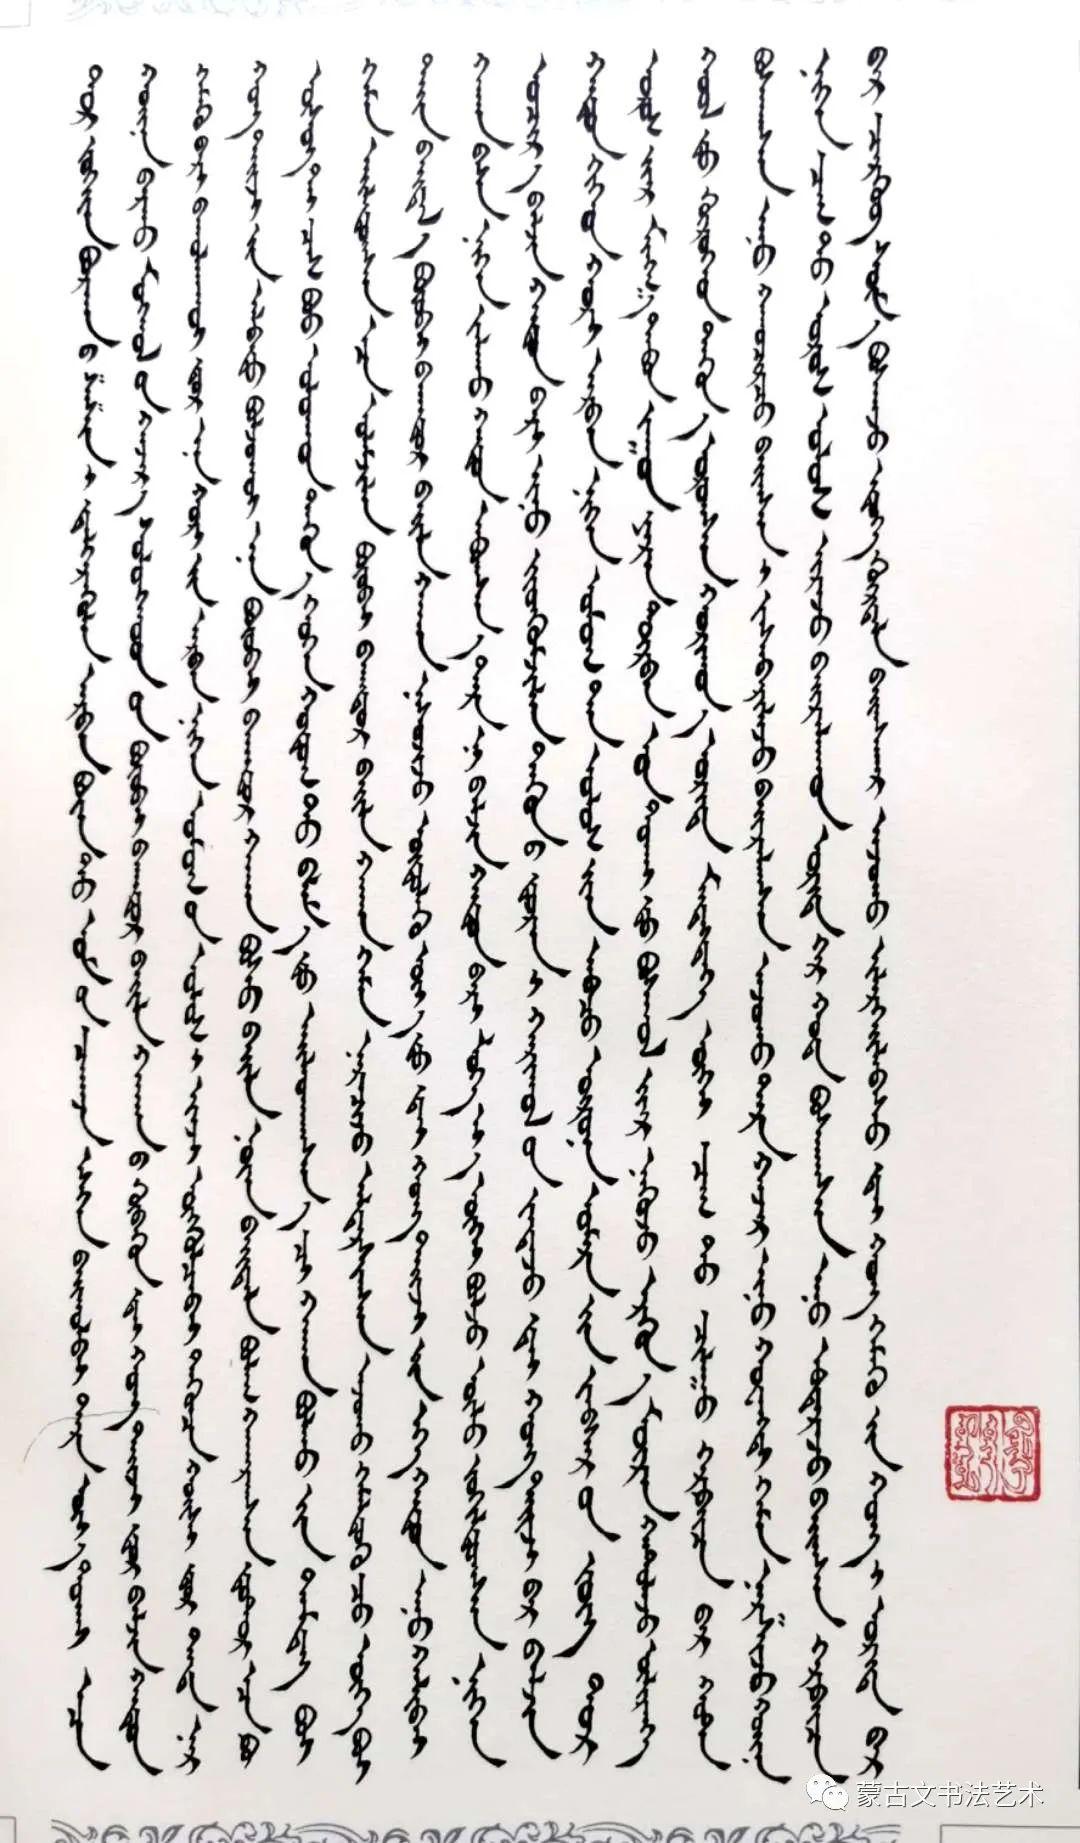 蒙古文经典文献当代书法名家手抄本之斯仁巴图《布里亚特史》 第8张 蒙古文经典文献当代书法名家手抄本之斯仁巴图《布里亚特史》 蒙古书法